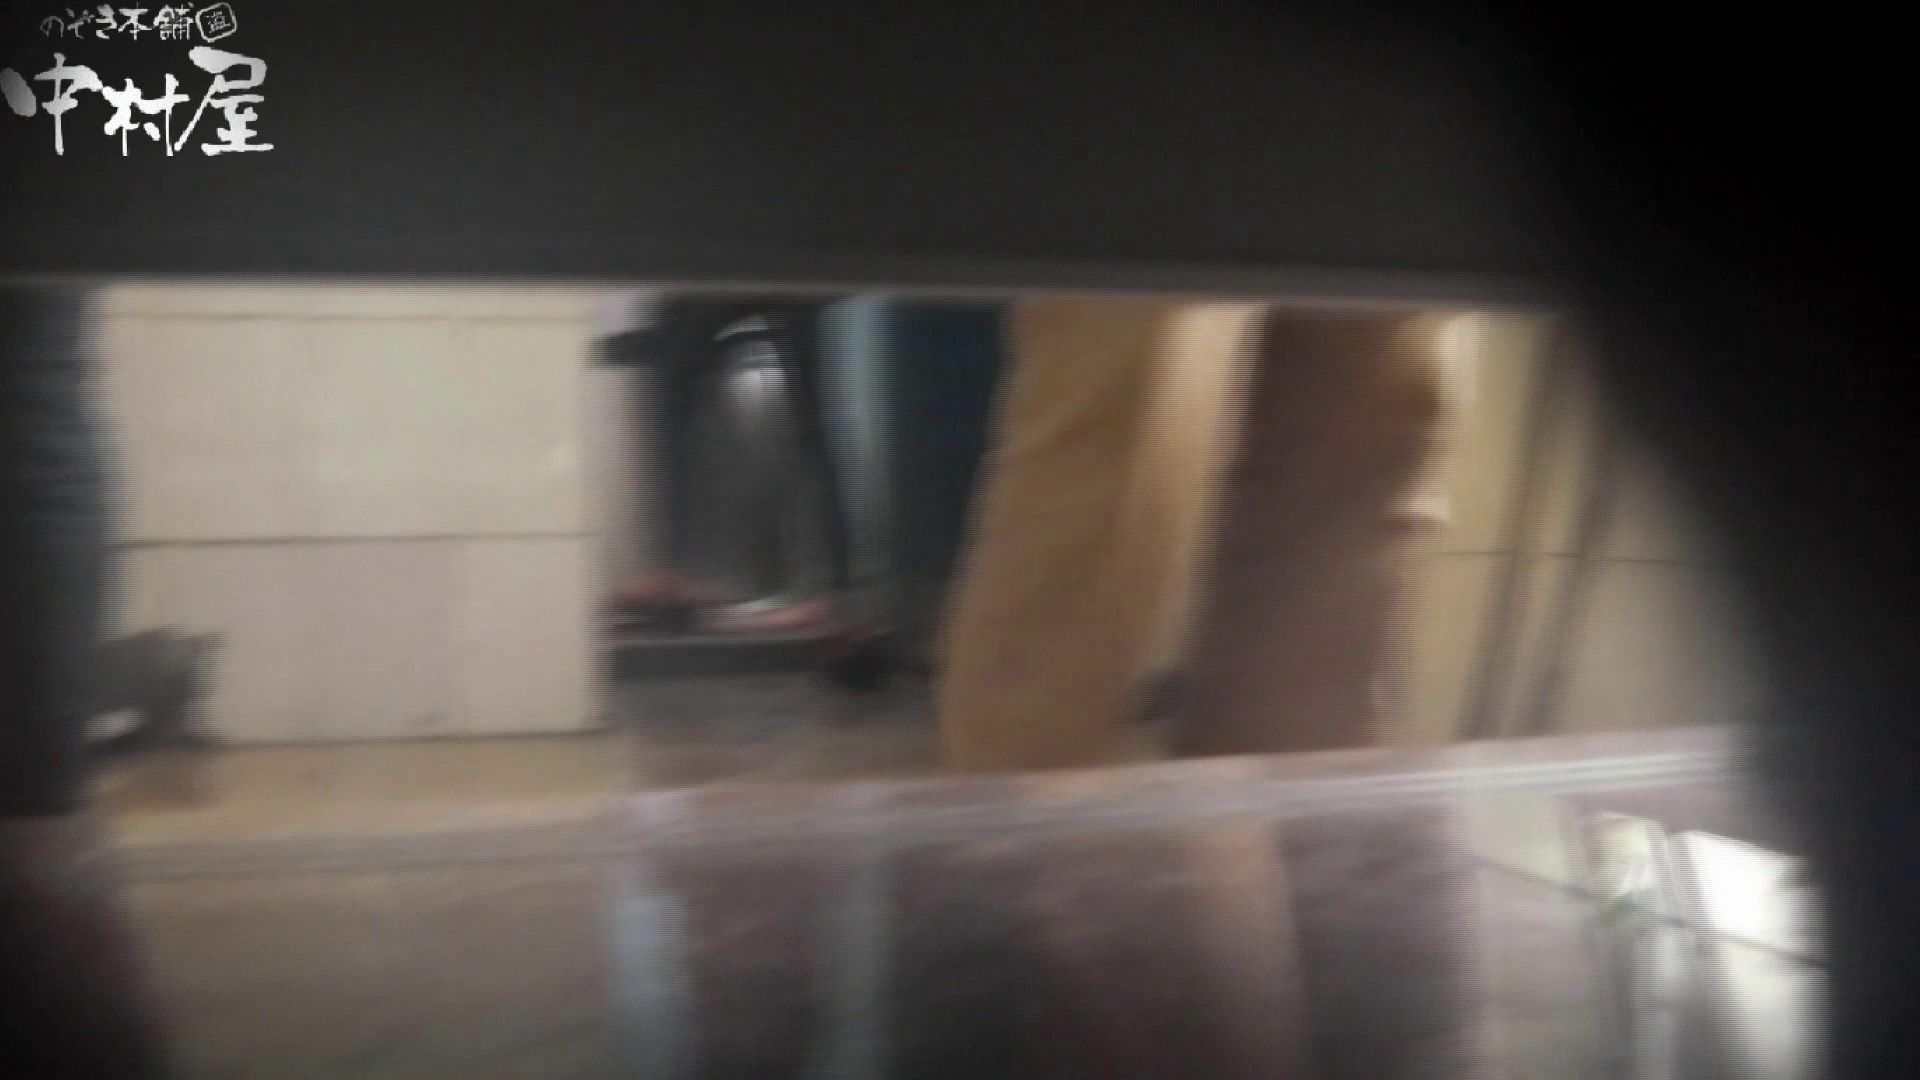 世界の射窓から~ステーション編vol.38 画質格段にUP! おまんこ見放題 | 盗撮シリーズ  94PIX 51